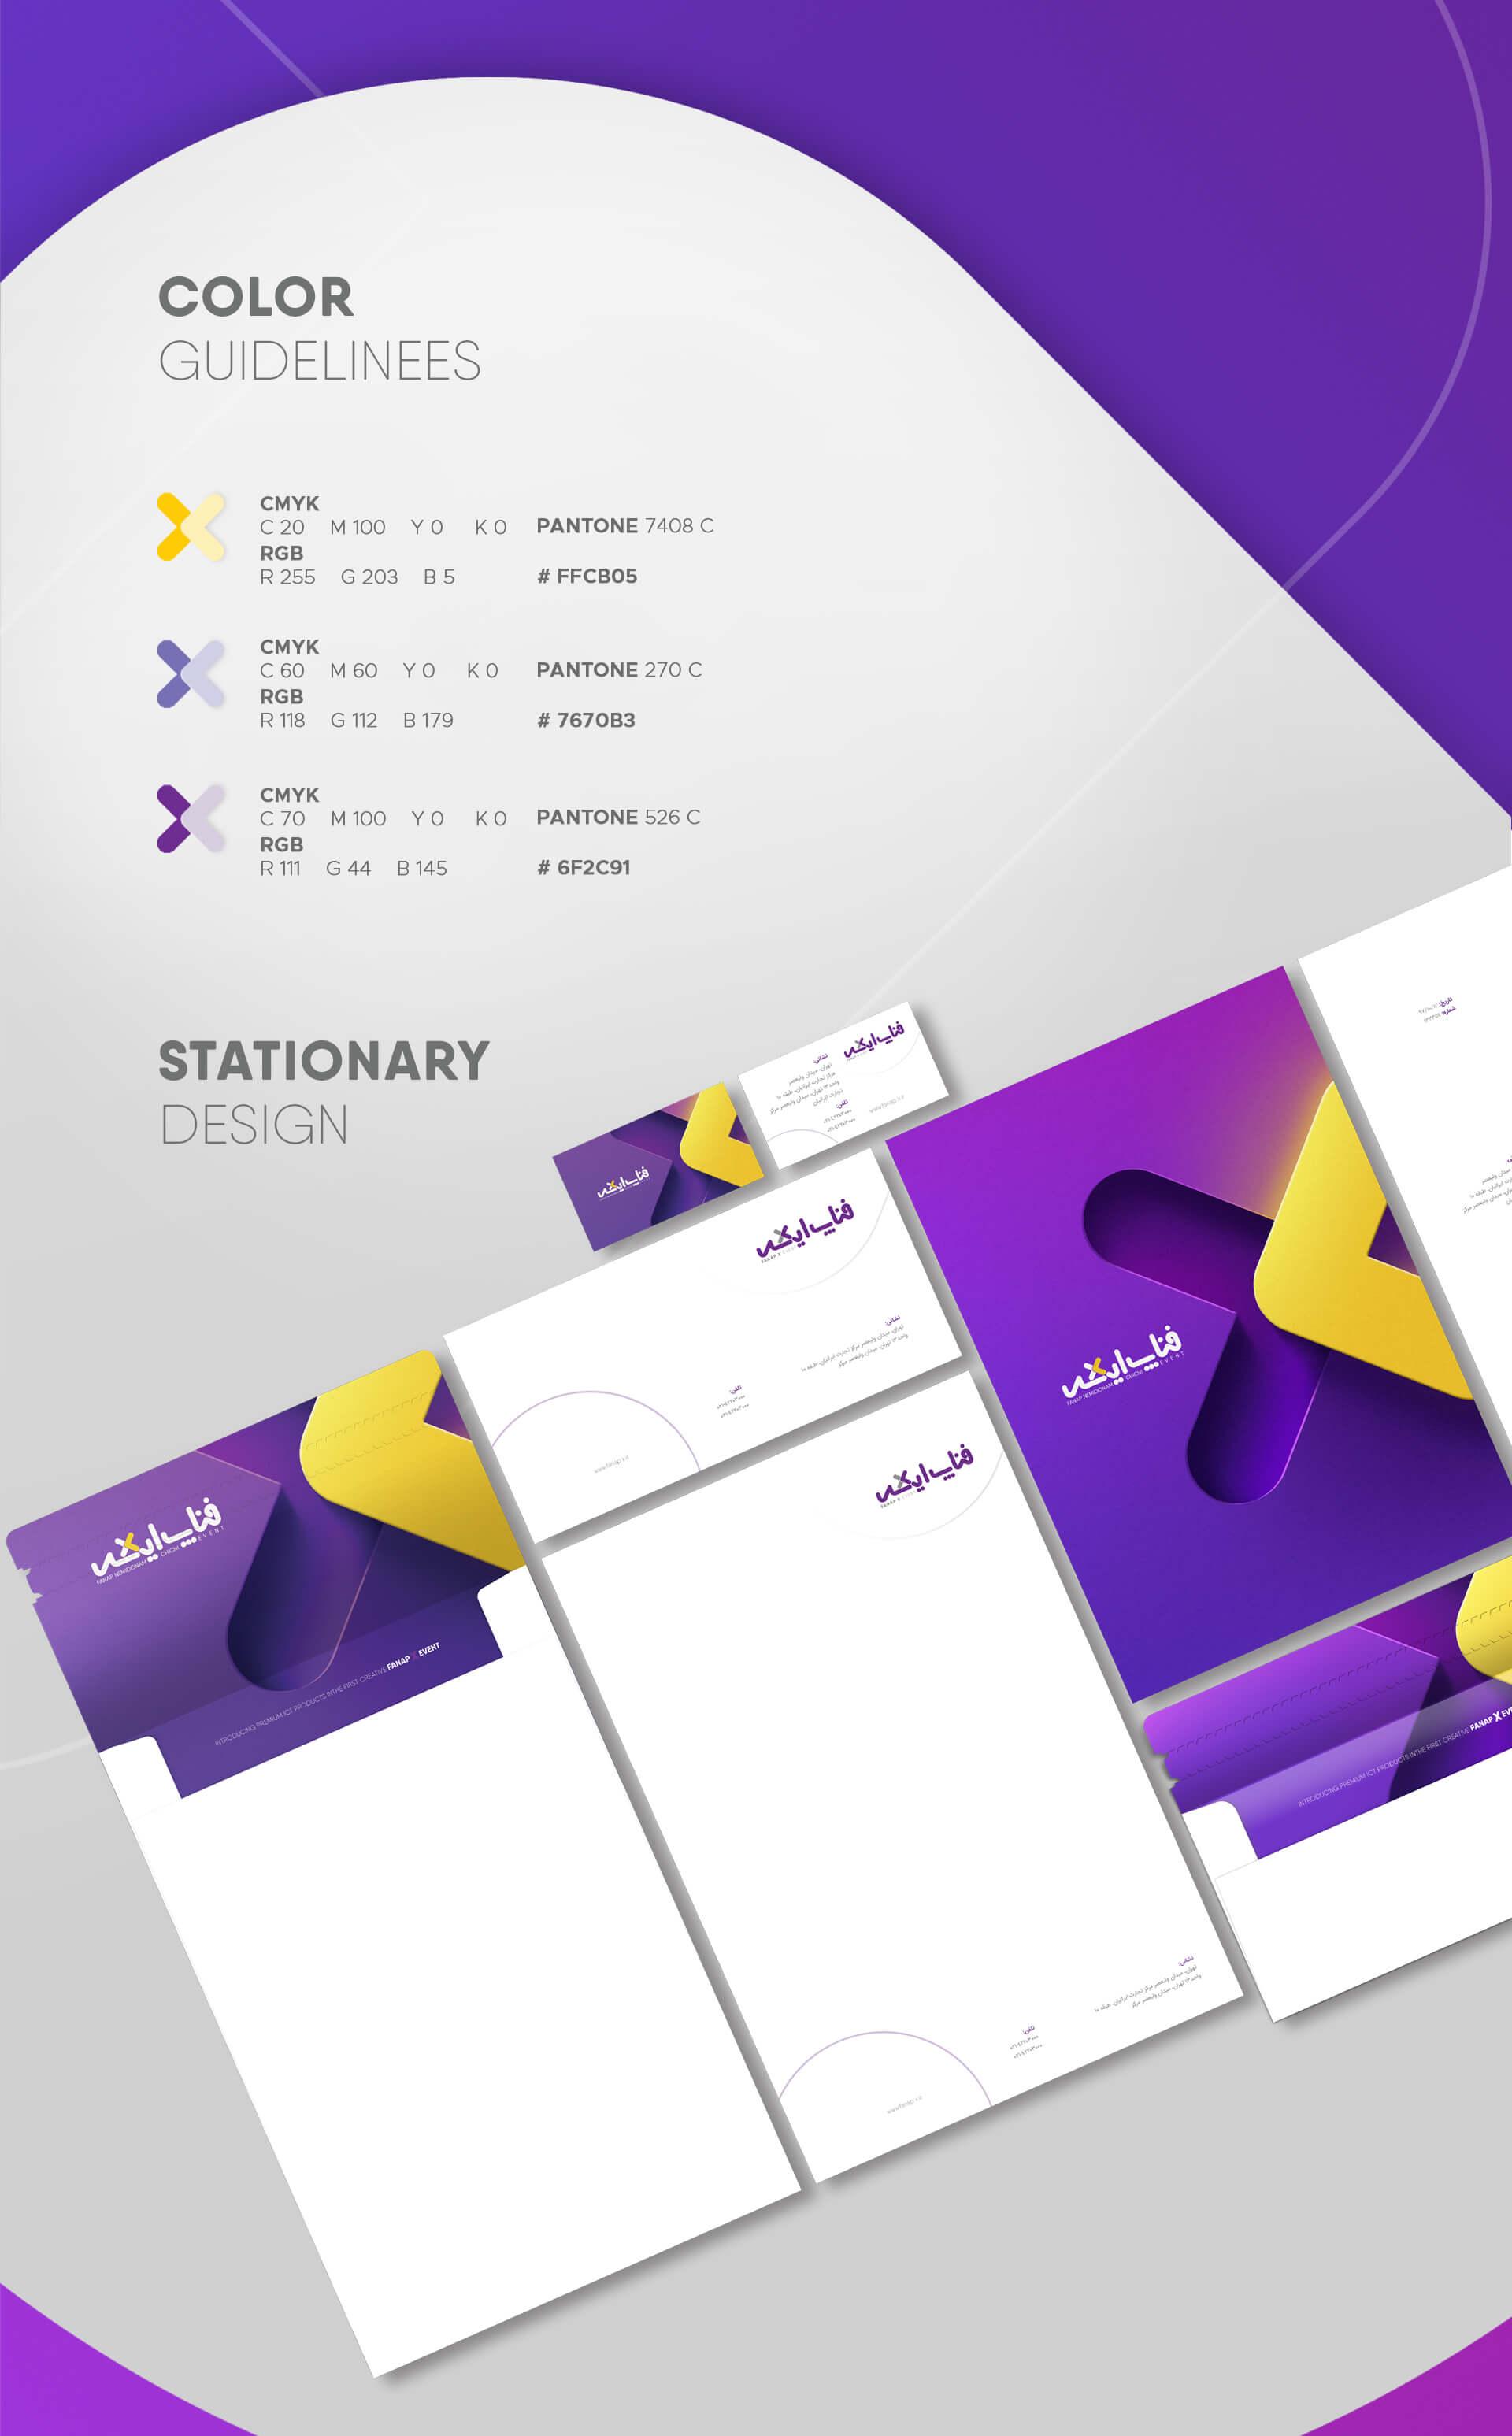 هویت بصری فناپ x، رسانه، تبلیغات، آژانس تبلیغاتی، هویت بصری، طراحی هویت بصری، شرکت تبلیغاتی الف، طراحی لوگو، طراحی لوگوتابپ، طراحی ست اداری، طراحی اوراق اداری، کمپین تبلیغاتی، برندینگ